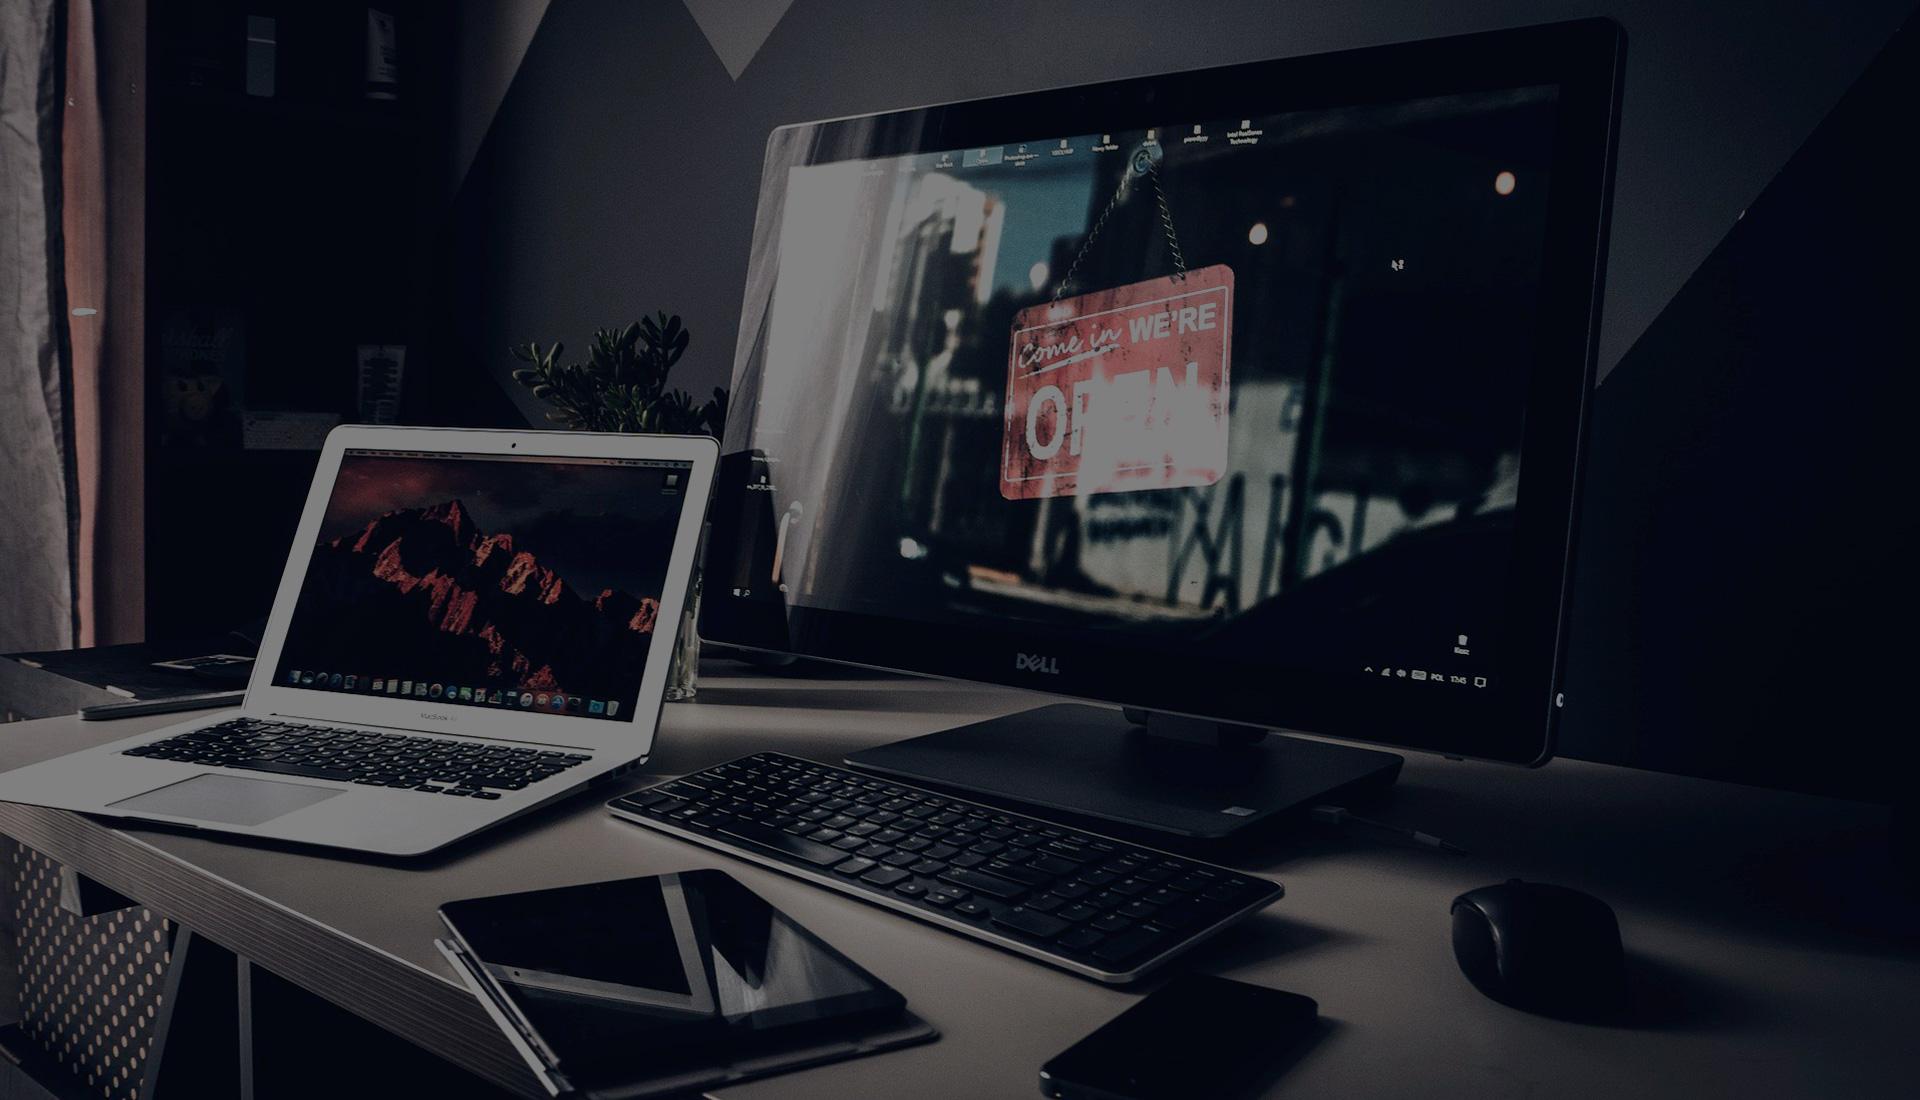 web design perugia sviluppo siti internet